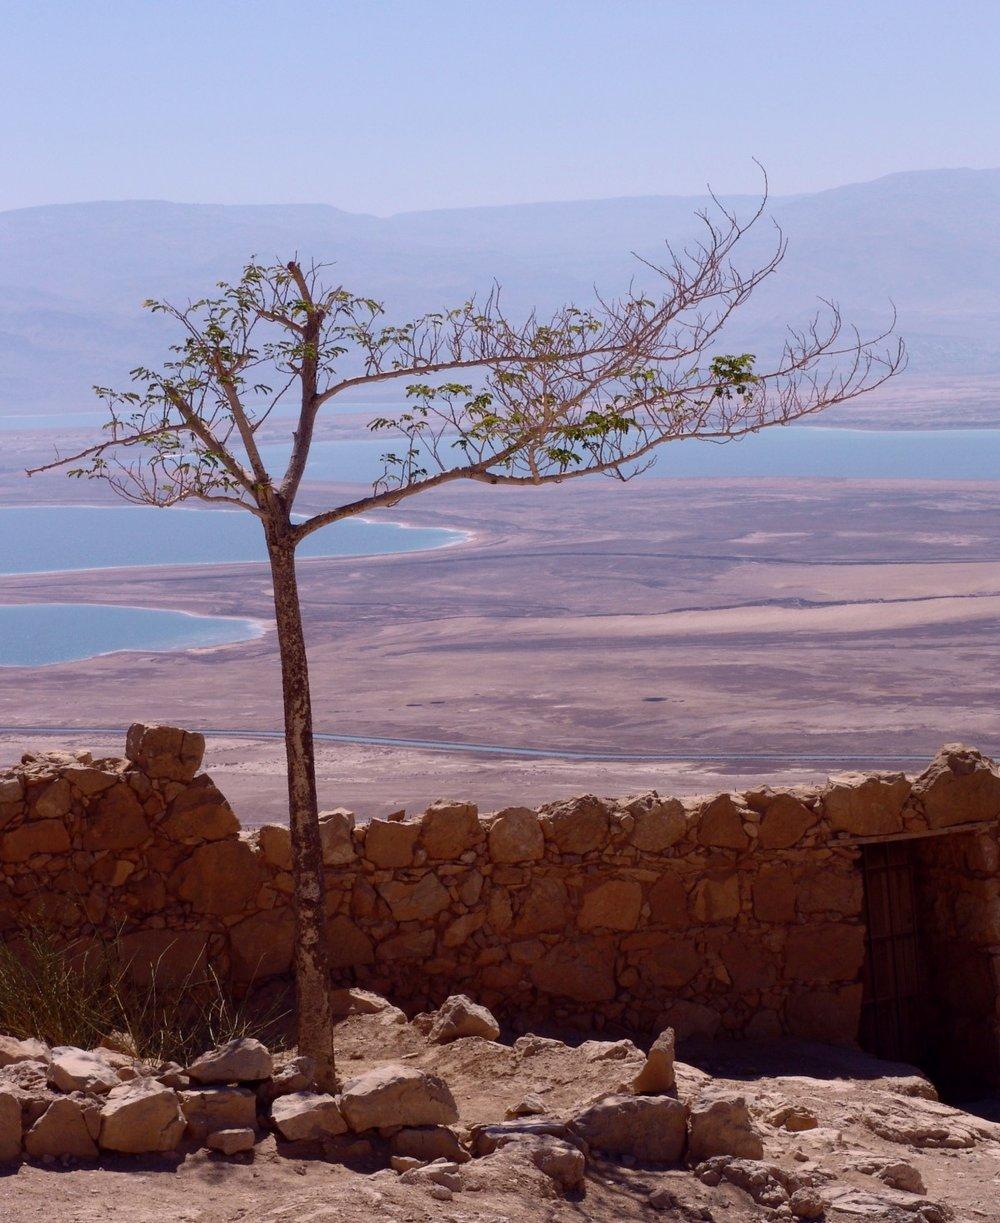 dead_sea_israel_landscape_salt_travel_east_mineral_coast-1011297.jpg!d.jpeg